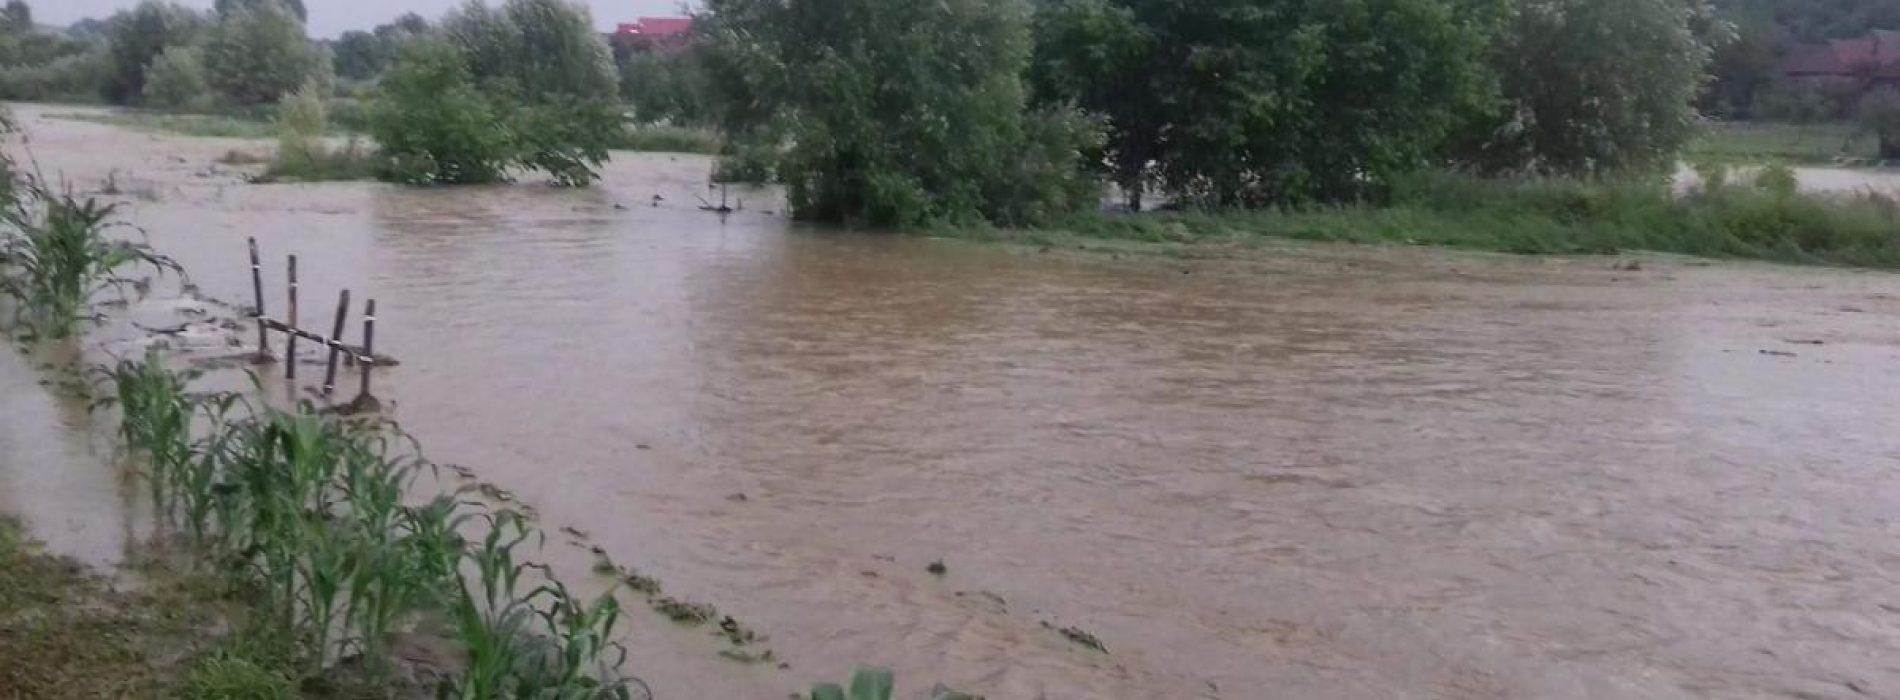 Societatea Drumuri și Poduri a intervenit pentru degajarea drumului în Oarța și în Bârsana